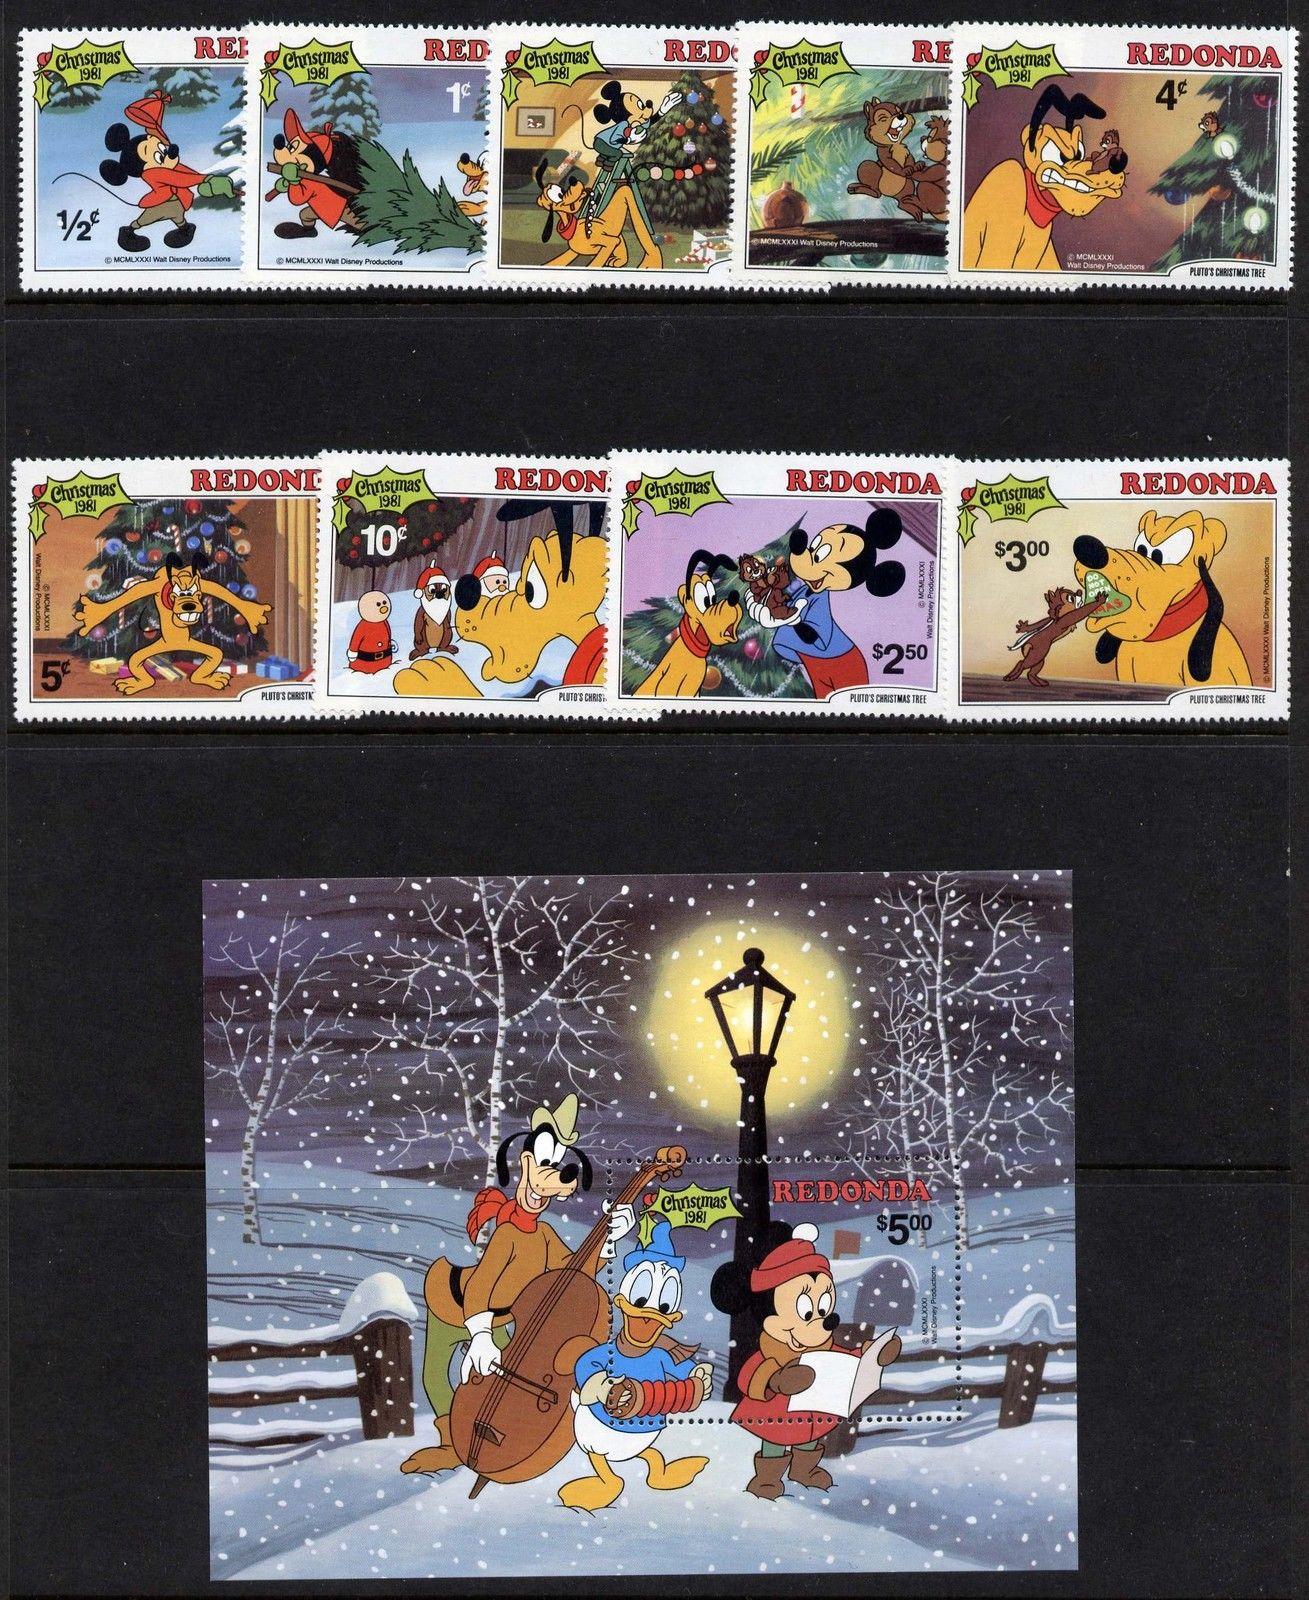 Plutos Christmas Tree.Redonda Mi 81 9 Mibk 13 Mnh Disney Pluto S Christmas Tree